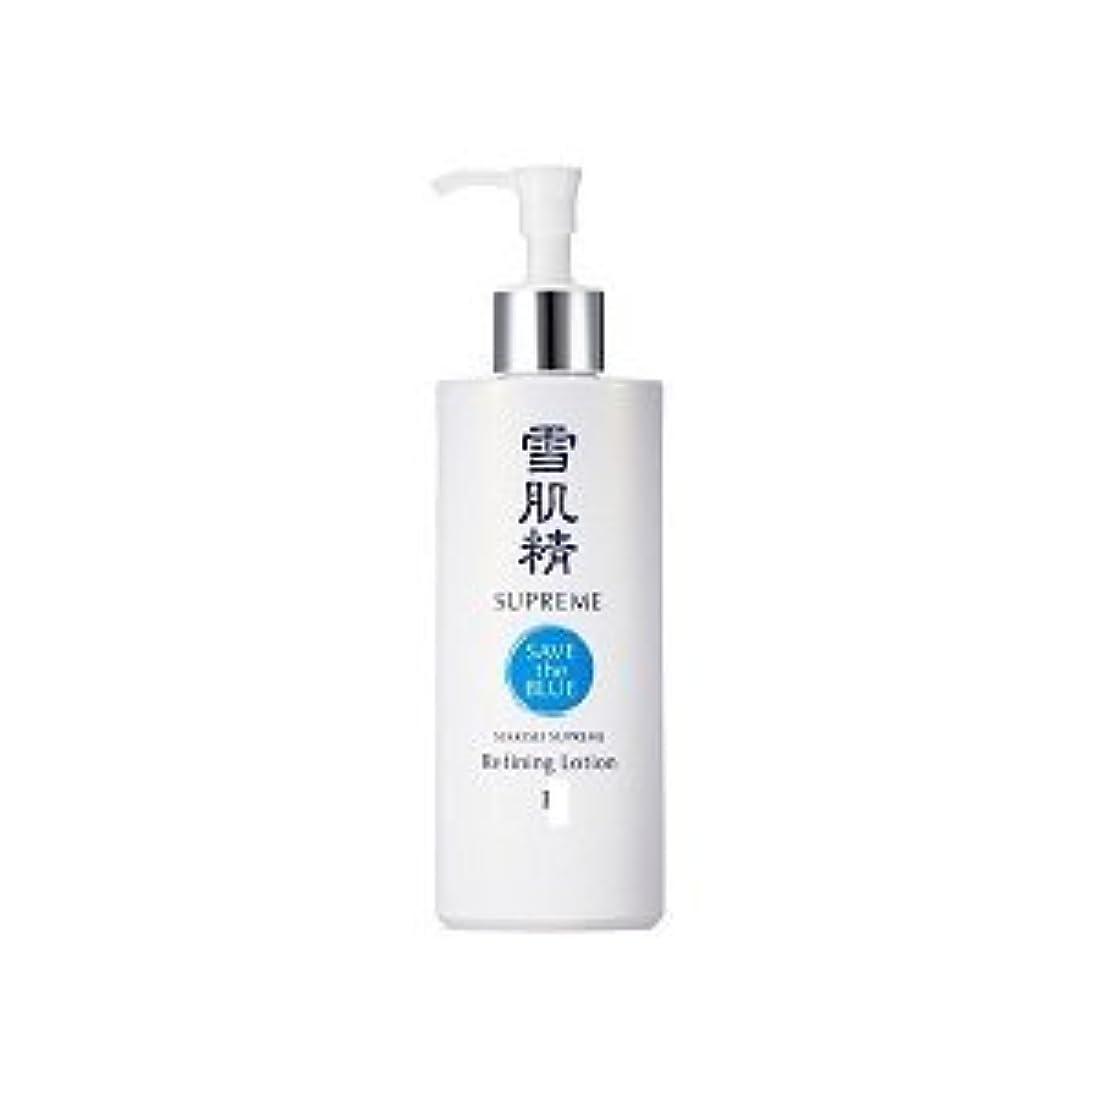 ヒギンズ統合するペニーコーセー 雪肌精シュープレム 化粧水 I 400ml